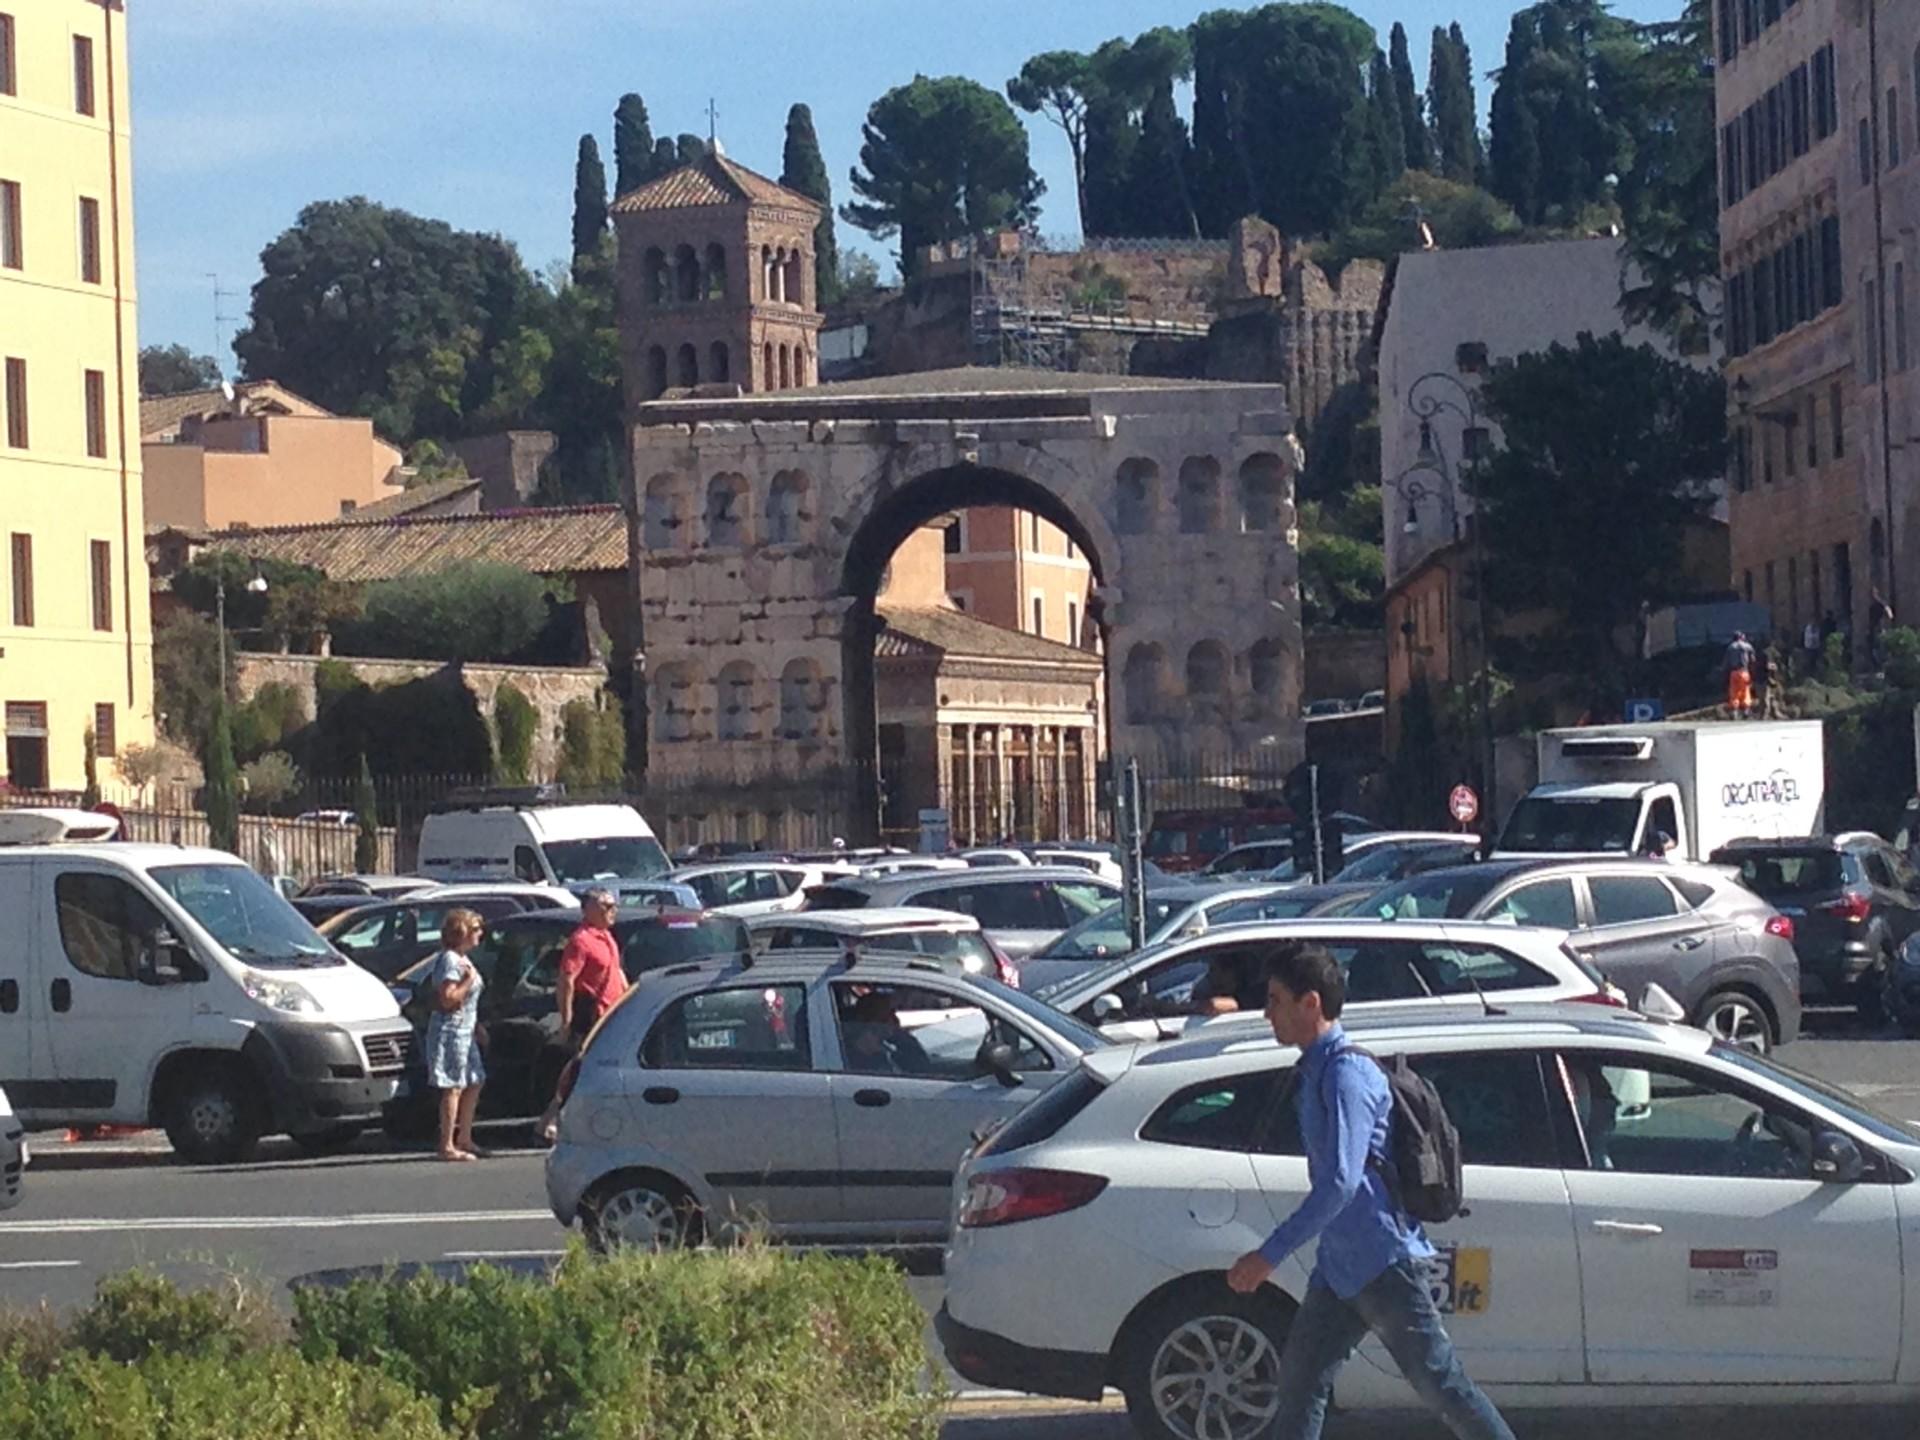 Unterwegs vom Aventin zur 'stazione Termini'